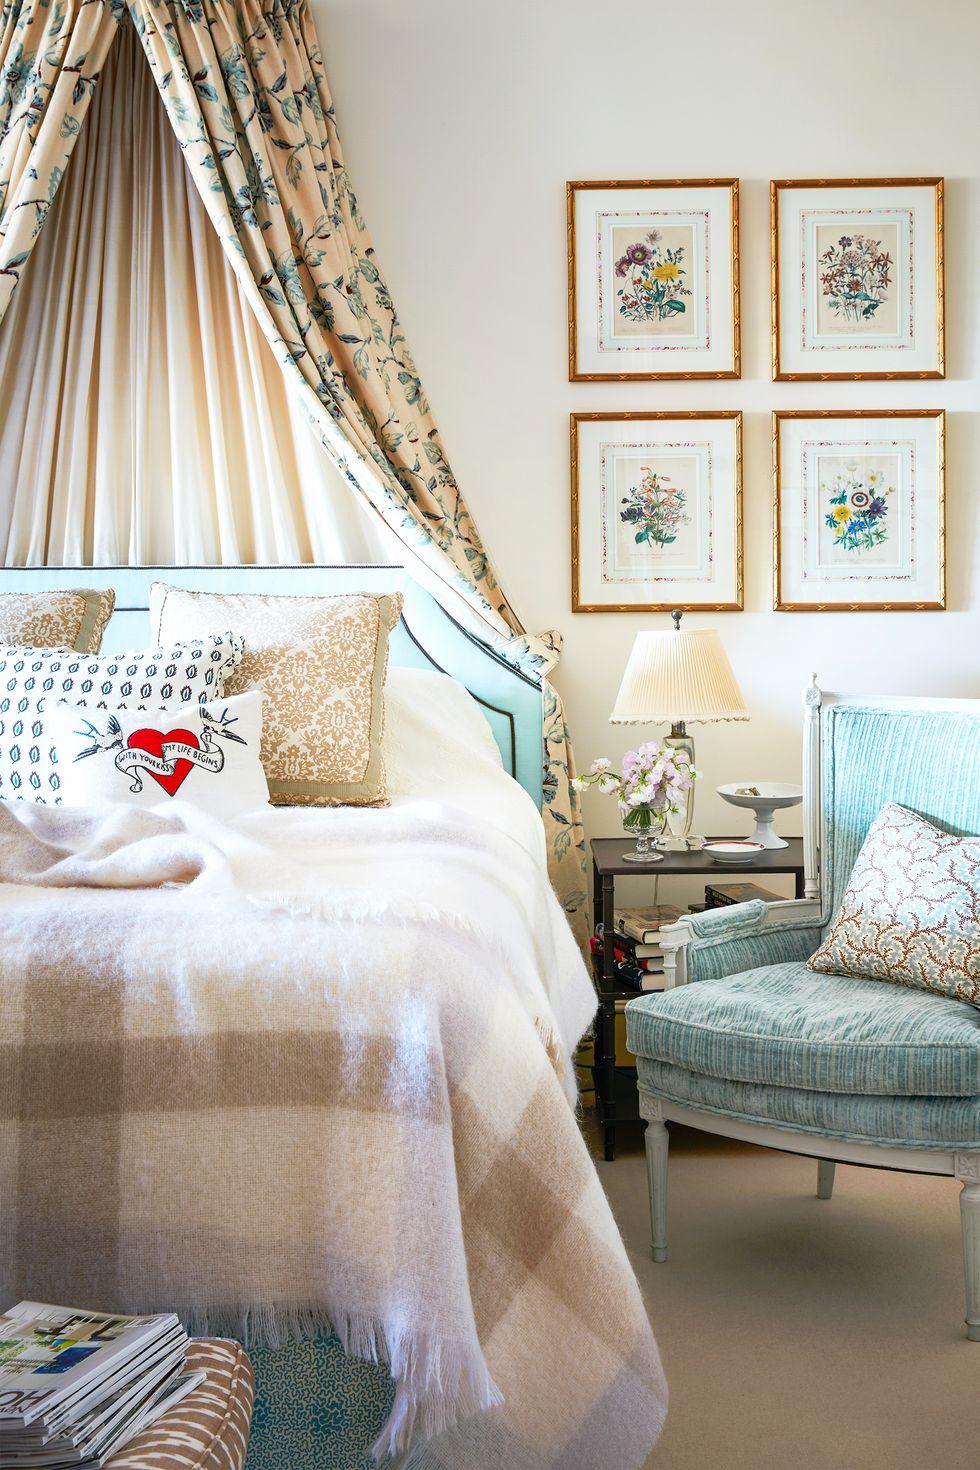 Những tia sáng màu xanh lam trong tác phẩm nghệ thuật và mái che tán mạ mạ làm nổi bật tông màu xanh lam trên đầu giường bọc nệm và ghế phụ.